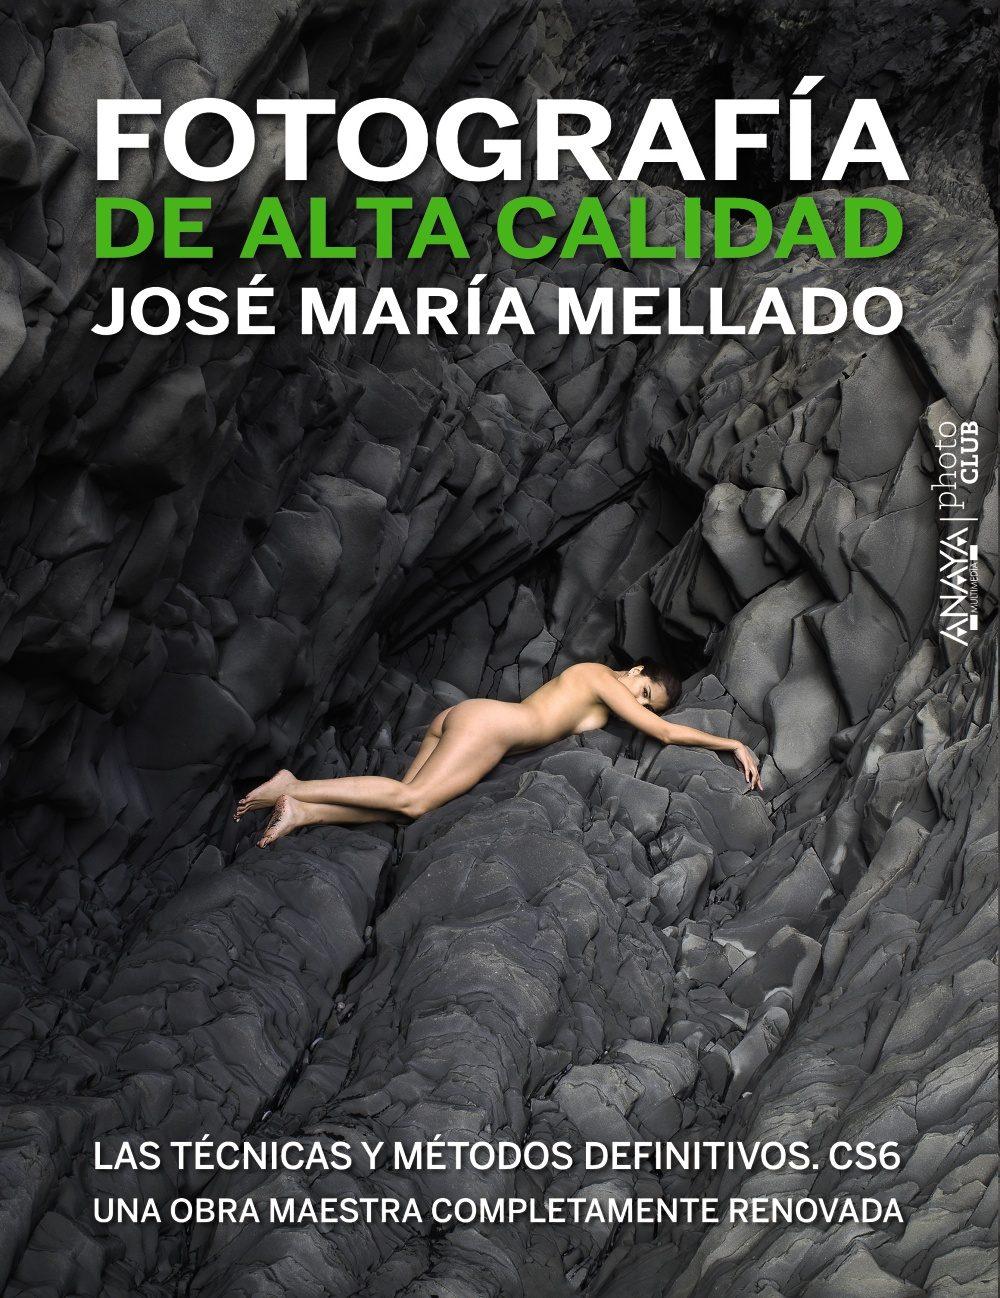 FOTOGRAFIA DE ALTA CALIDAD  LAS TECNICAS Y METODOS DEFINITIVOS CS 6 ... 8b9b36033123e